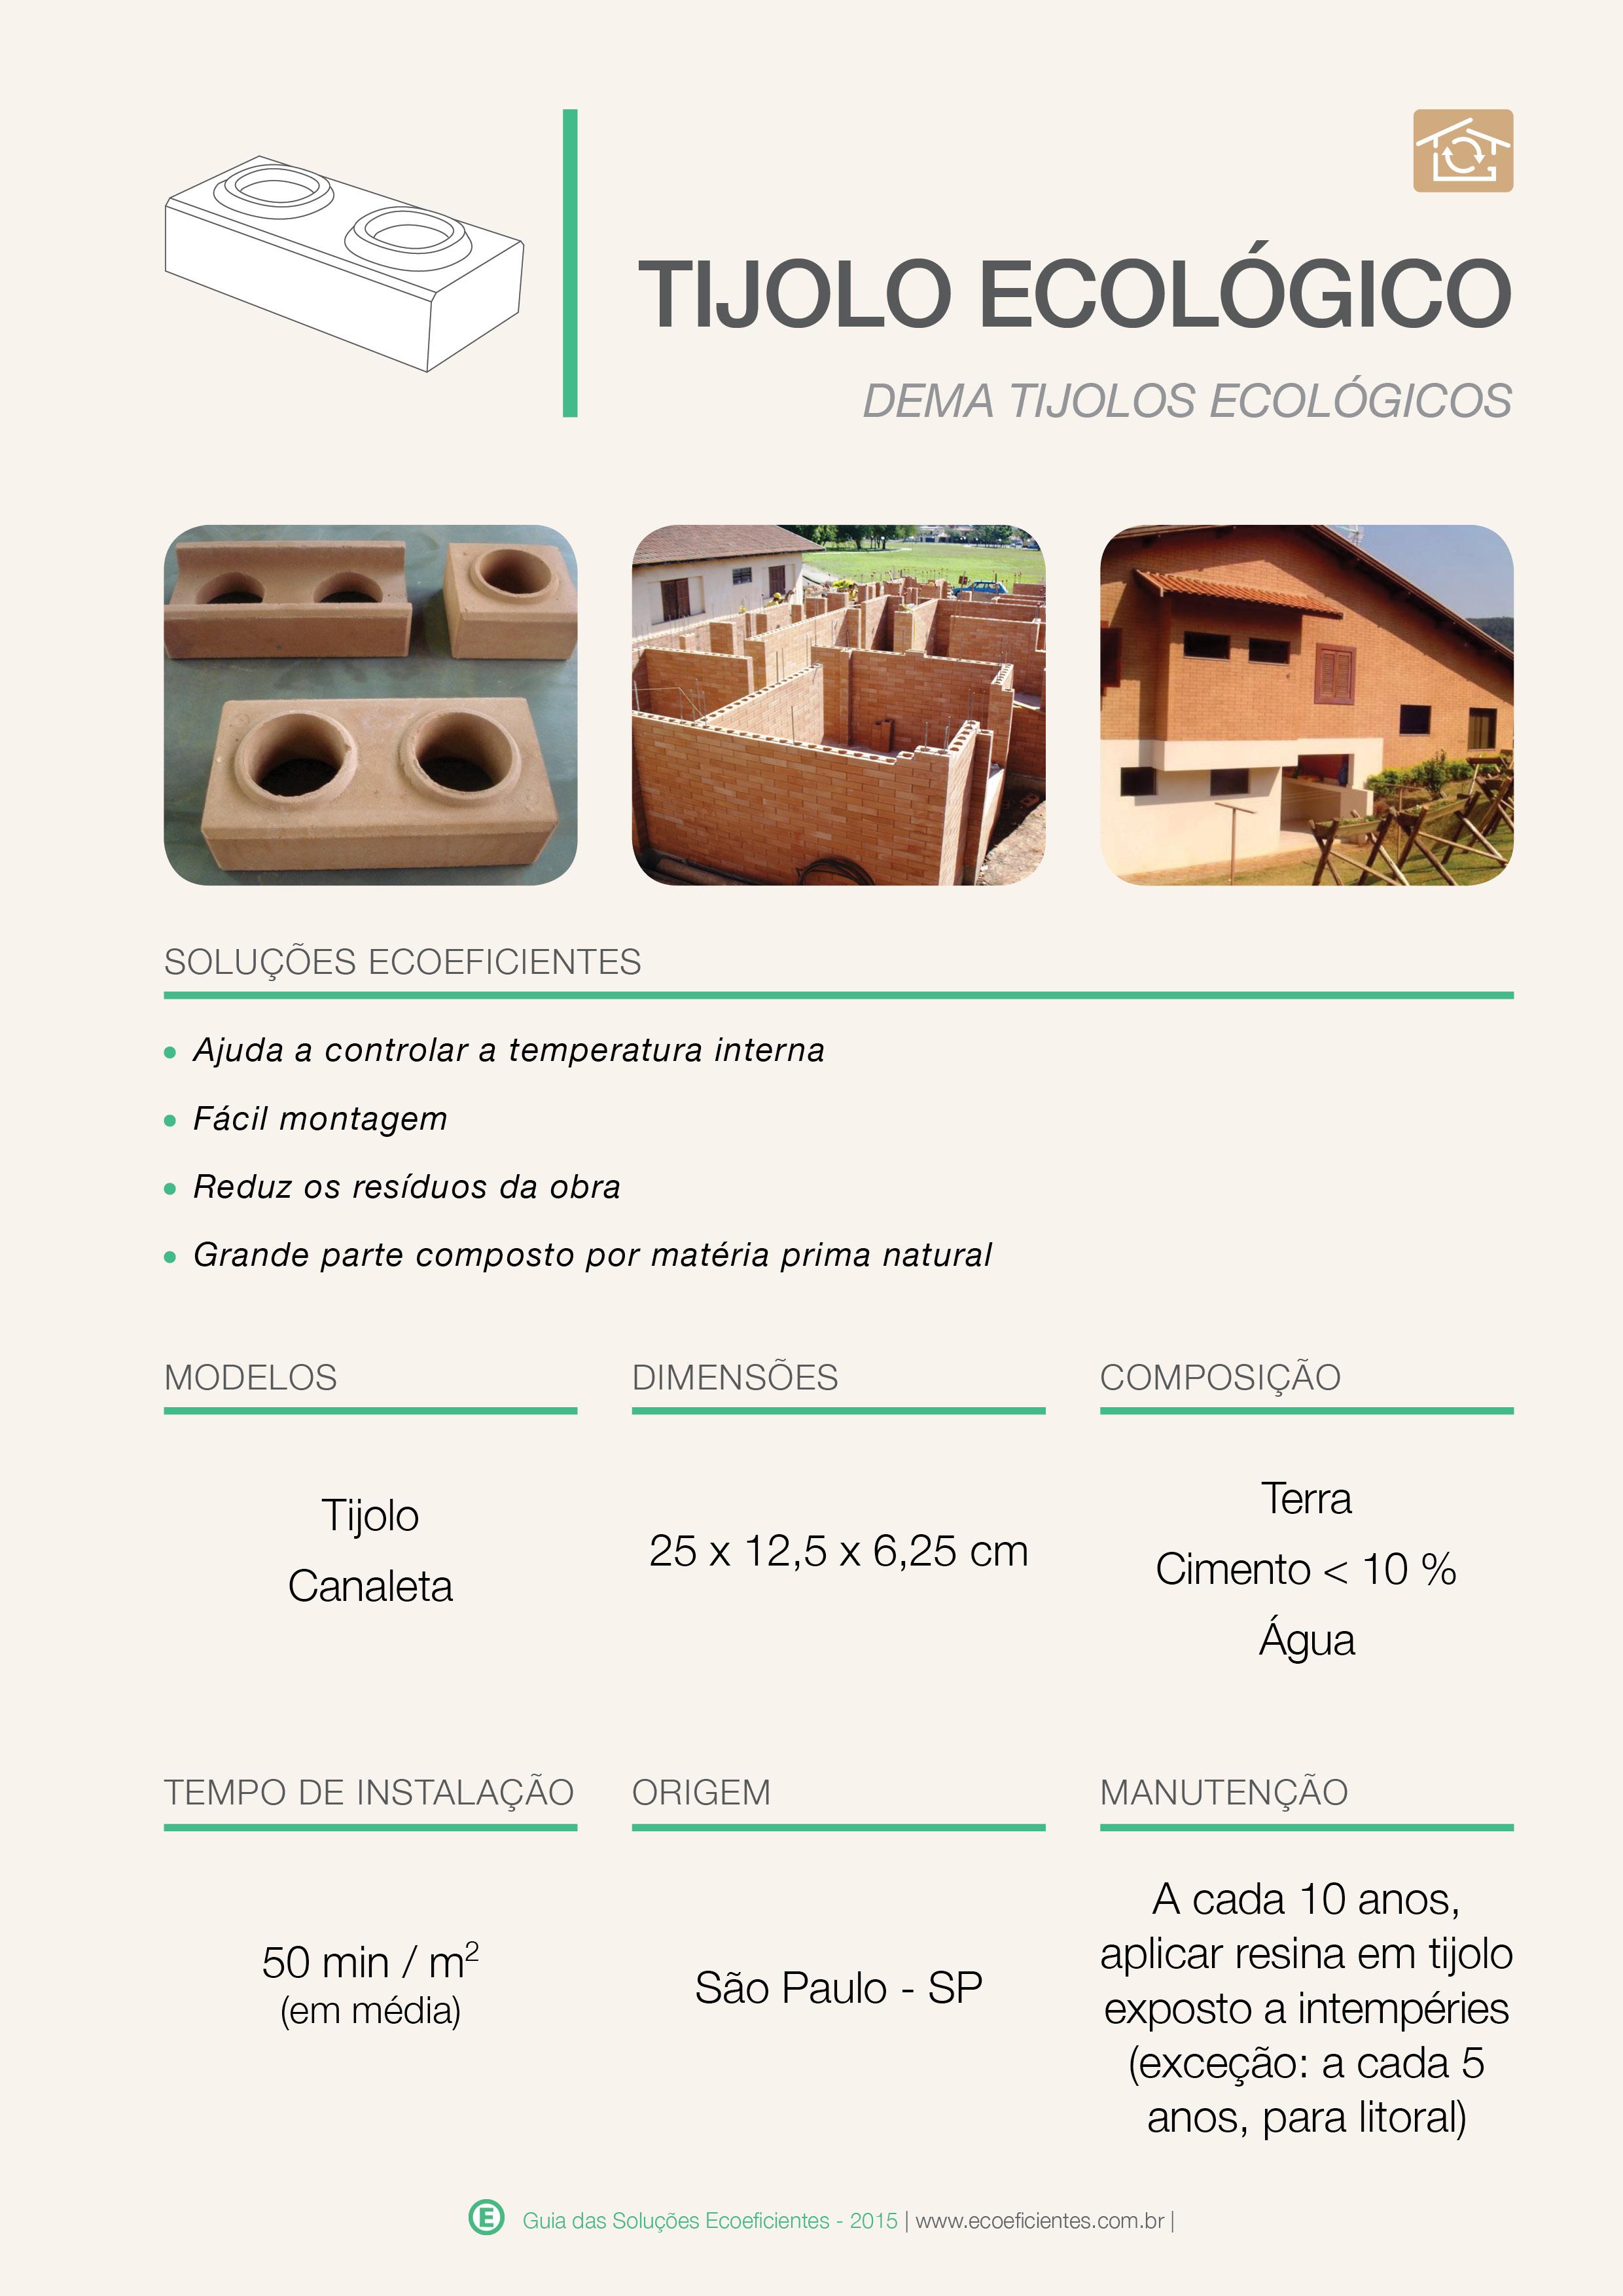 25-tijolo-ecologico-dema-tijolos-ecologicos